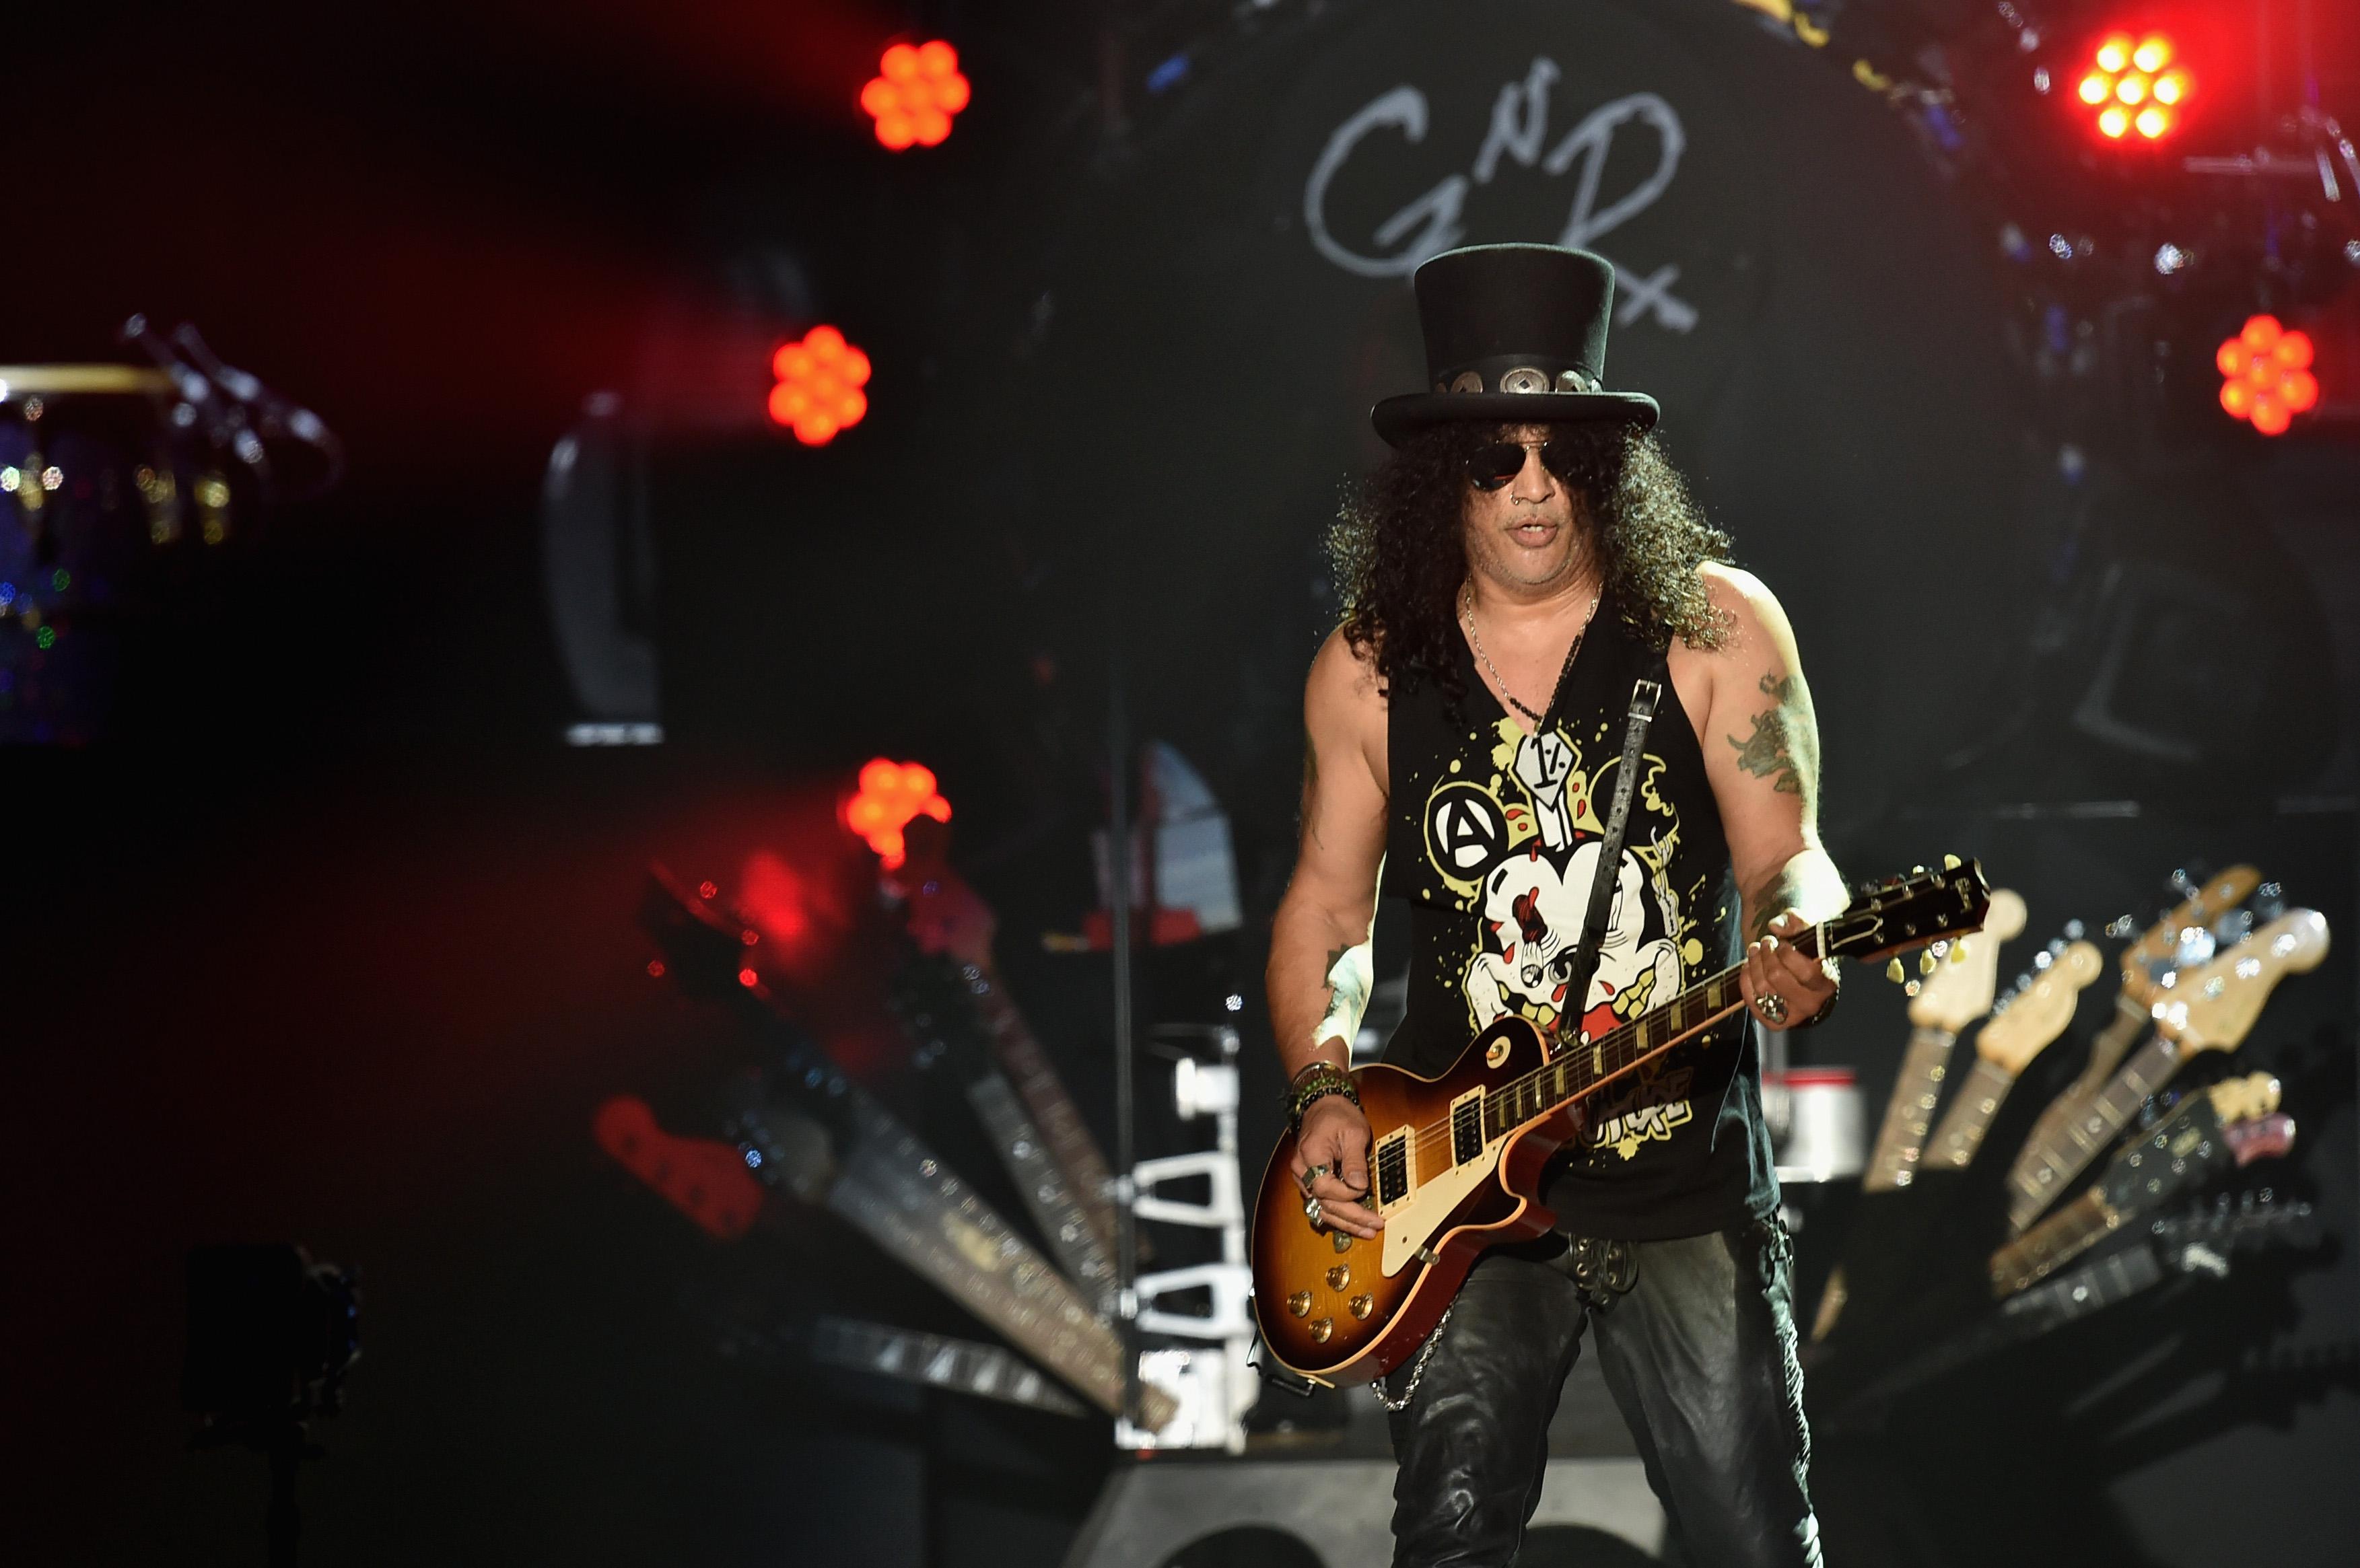 INDIO, CA - 16 DE ABRIL: El guitarrista principal Slash of Guns N 'Roses se realiza en el escenario durante el día 2 del Festival de Música y Artes de Coachella Valley 2016 1 fin de semana en el Empire Polo Club el 16 de abril de 2016 en Indio, California. Kevin Winter / Getty Images para Coachella / AFP KEVIN WINTER / GETTY IMAGES NORTEAMÉRICA / AFP